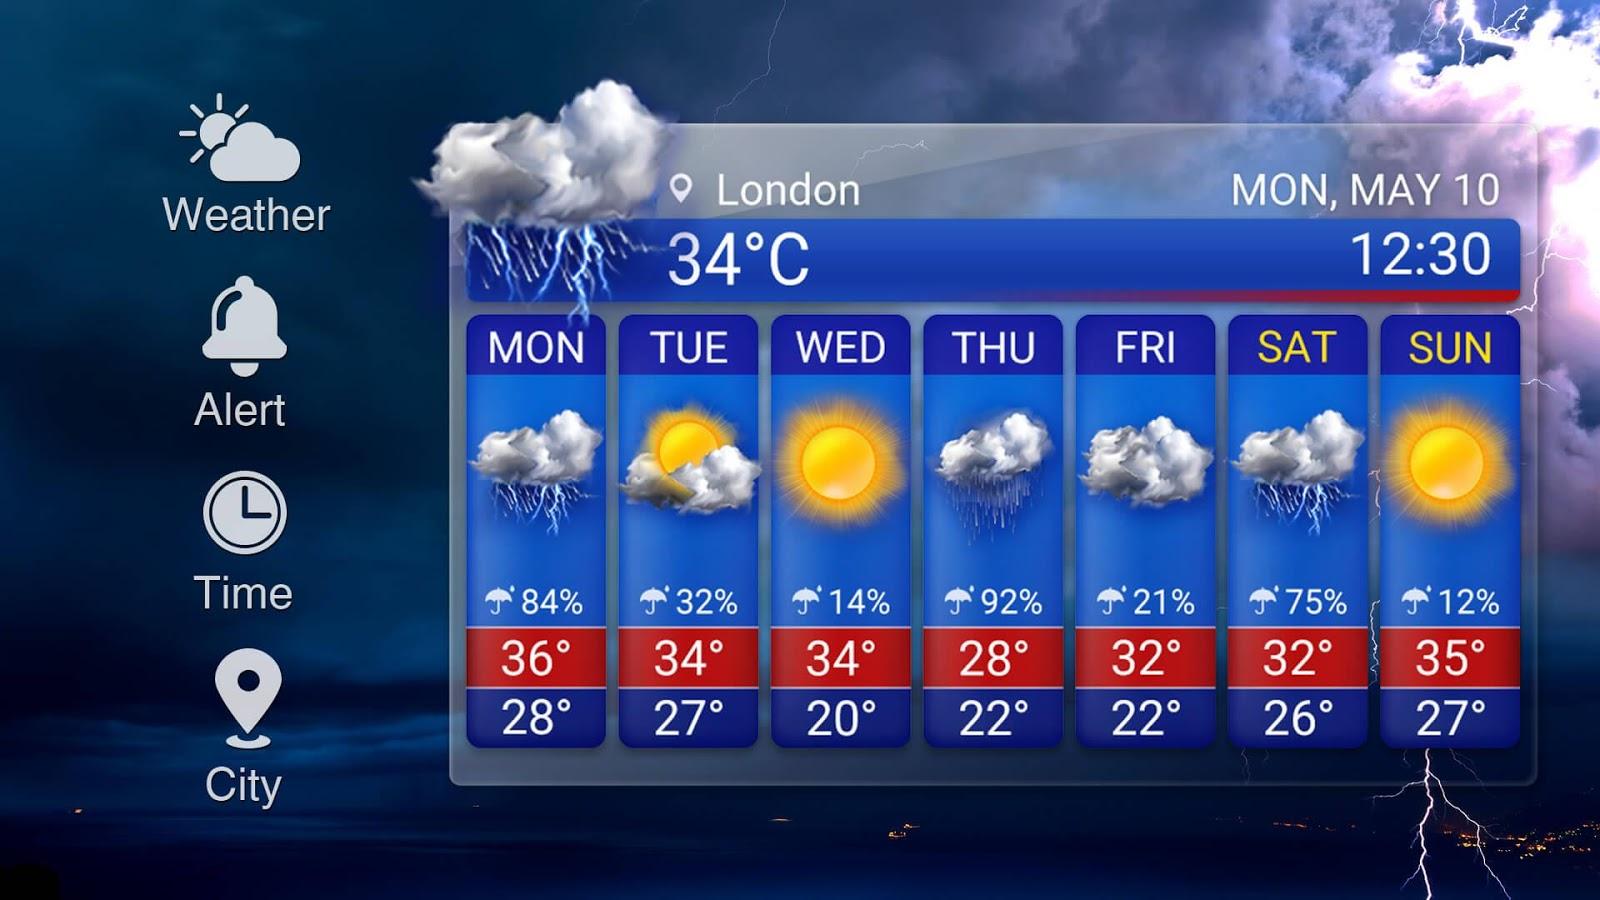 Tägliche lokale Wettervorhersage android apps download